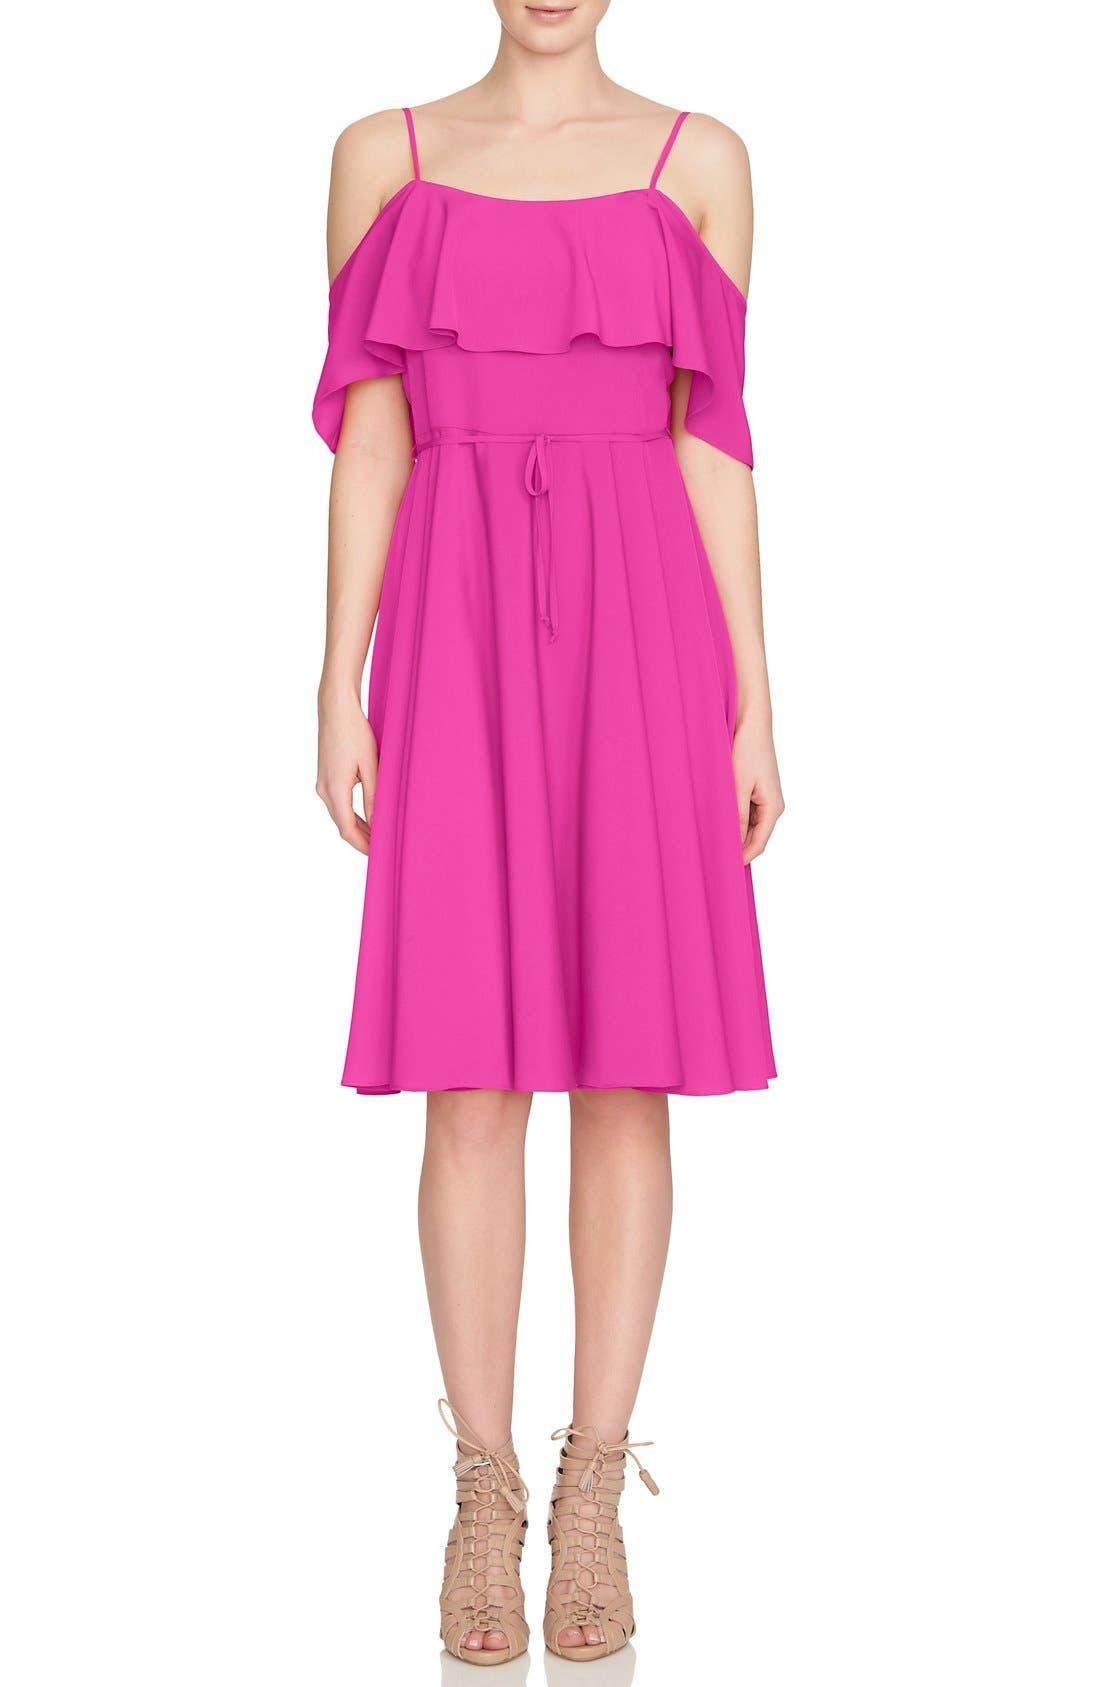 Alternate Image 1 Selected - CeCe 'Jackie' Cold Shoulder Fit & Flare Dress